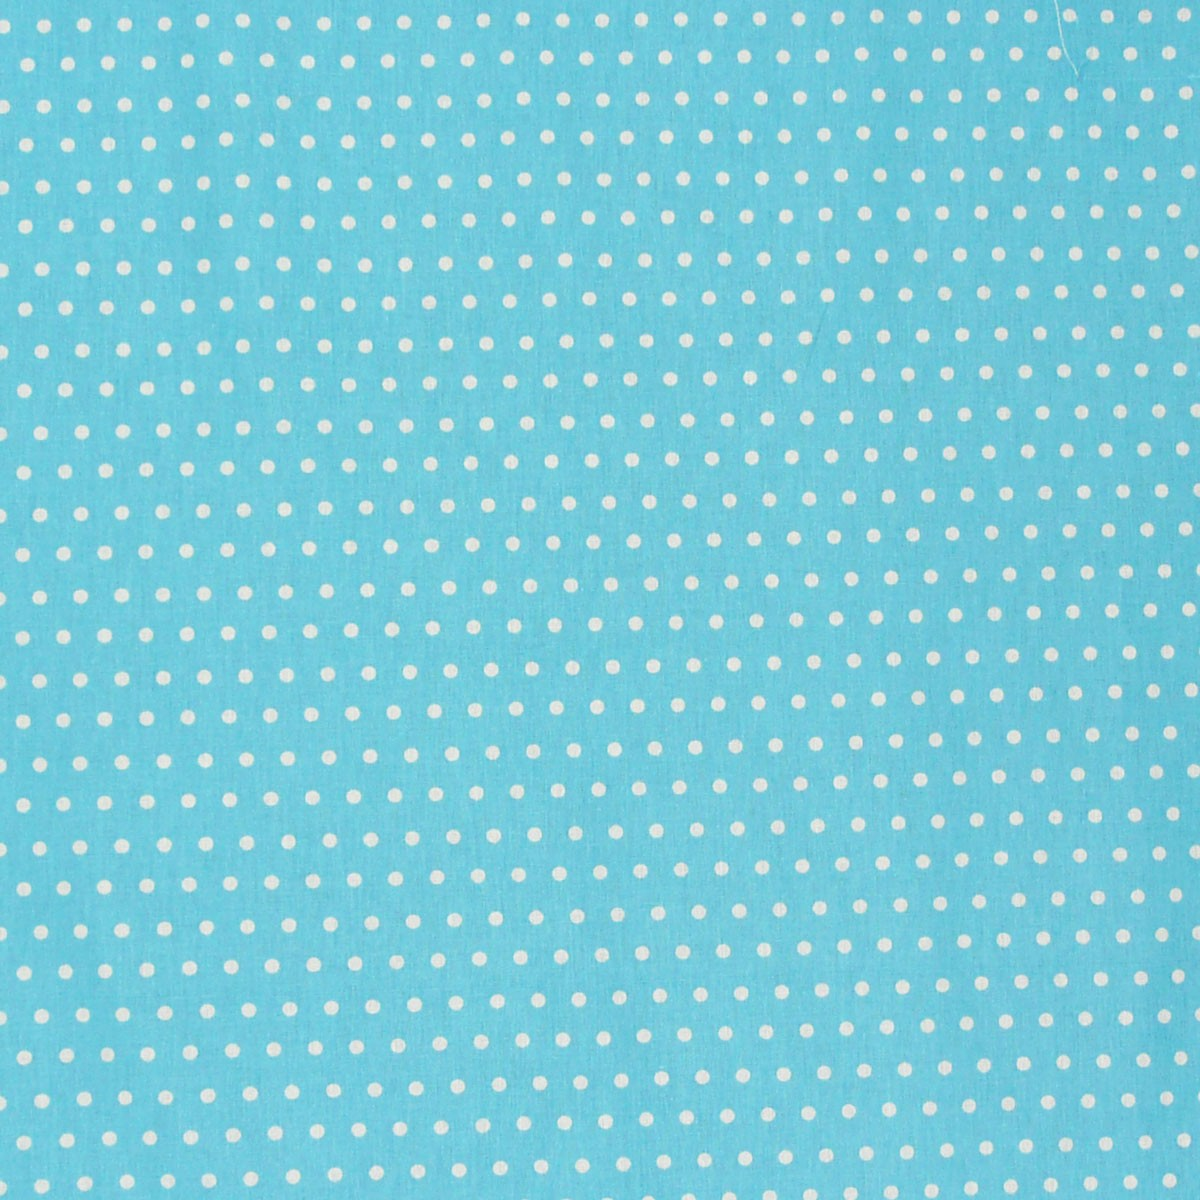 baumwollstoff blau punkte klein wei dekostoff stoffe stoffe gemustert stoff punkte. Black Bedroom Furniture Sets. Home Design Ideas